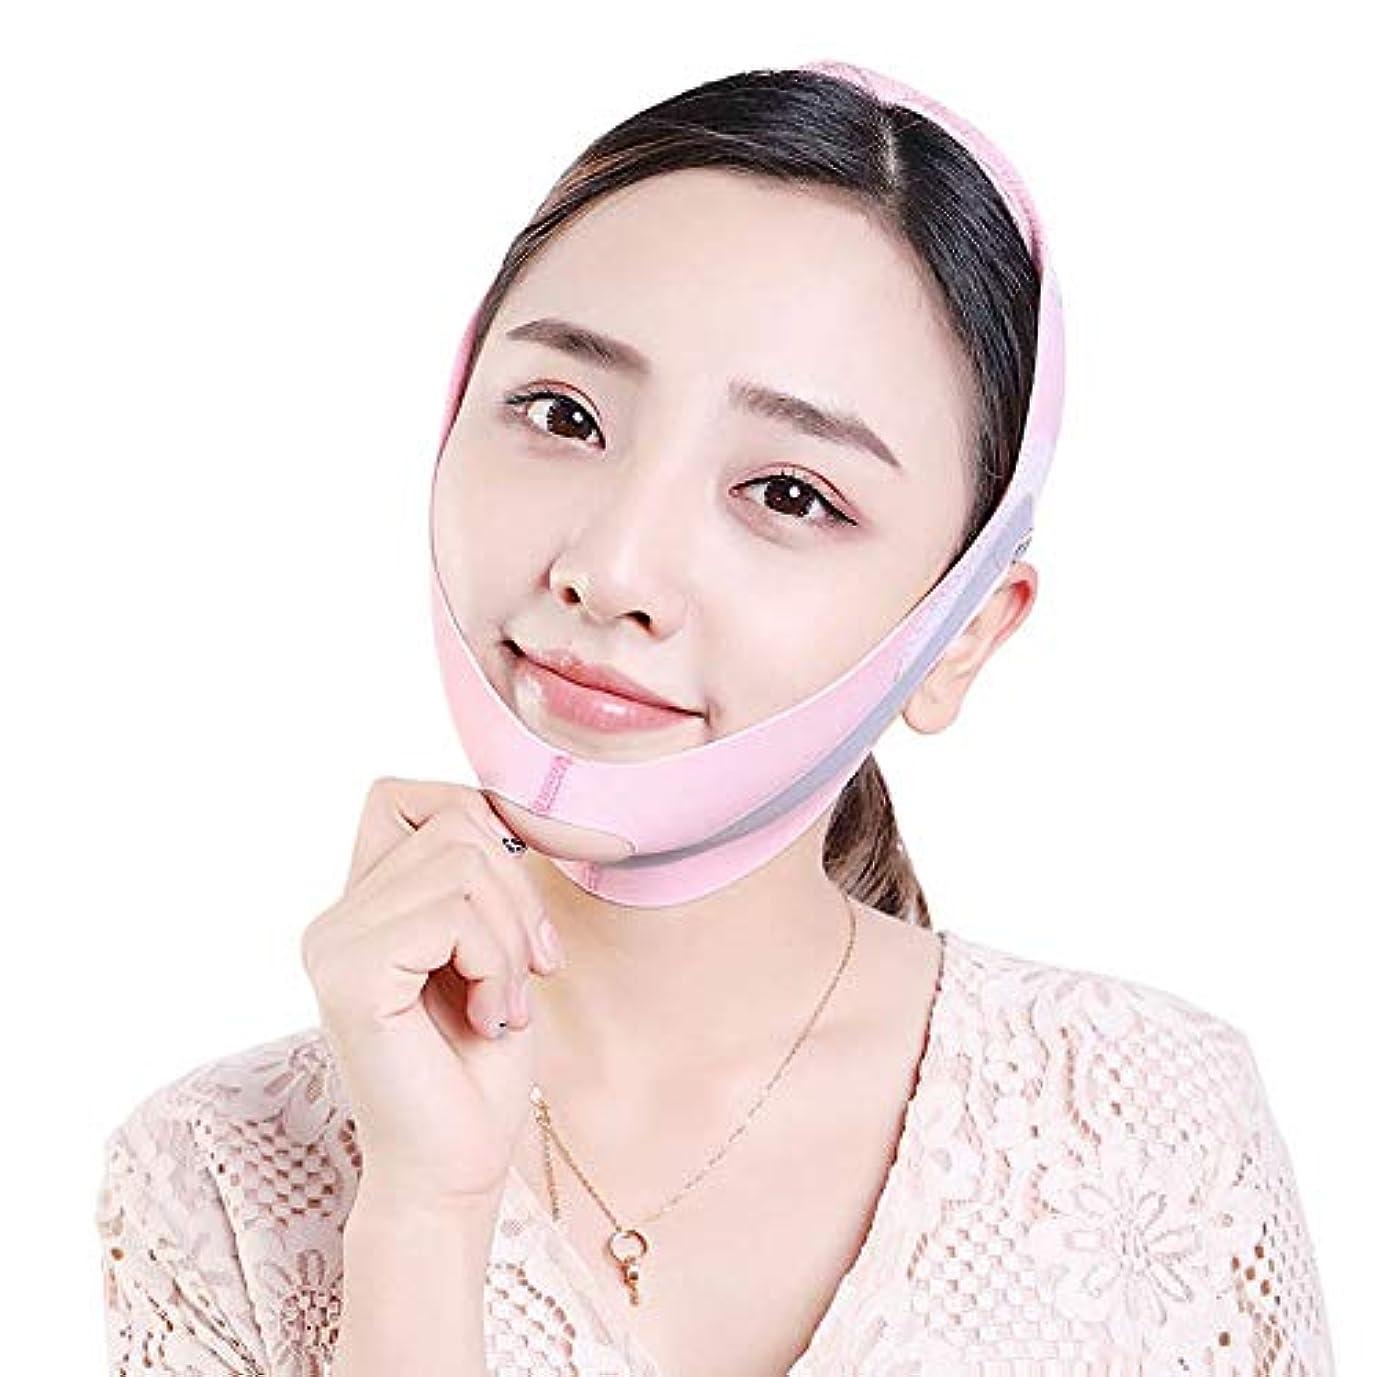 GYZ たるみを防ぐために顔を持ち上げるために筋肉を引き締めるために二重あごのステッカーとラインを削除するために、顔を持ち上げるアーティファクト包帯があります - ピンク Thin Face Belt